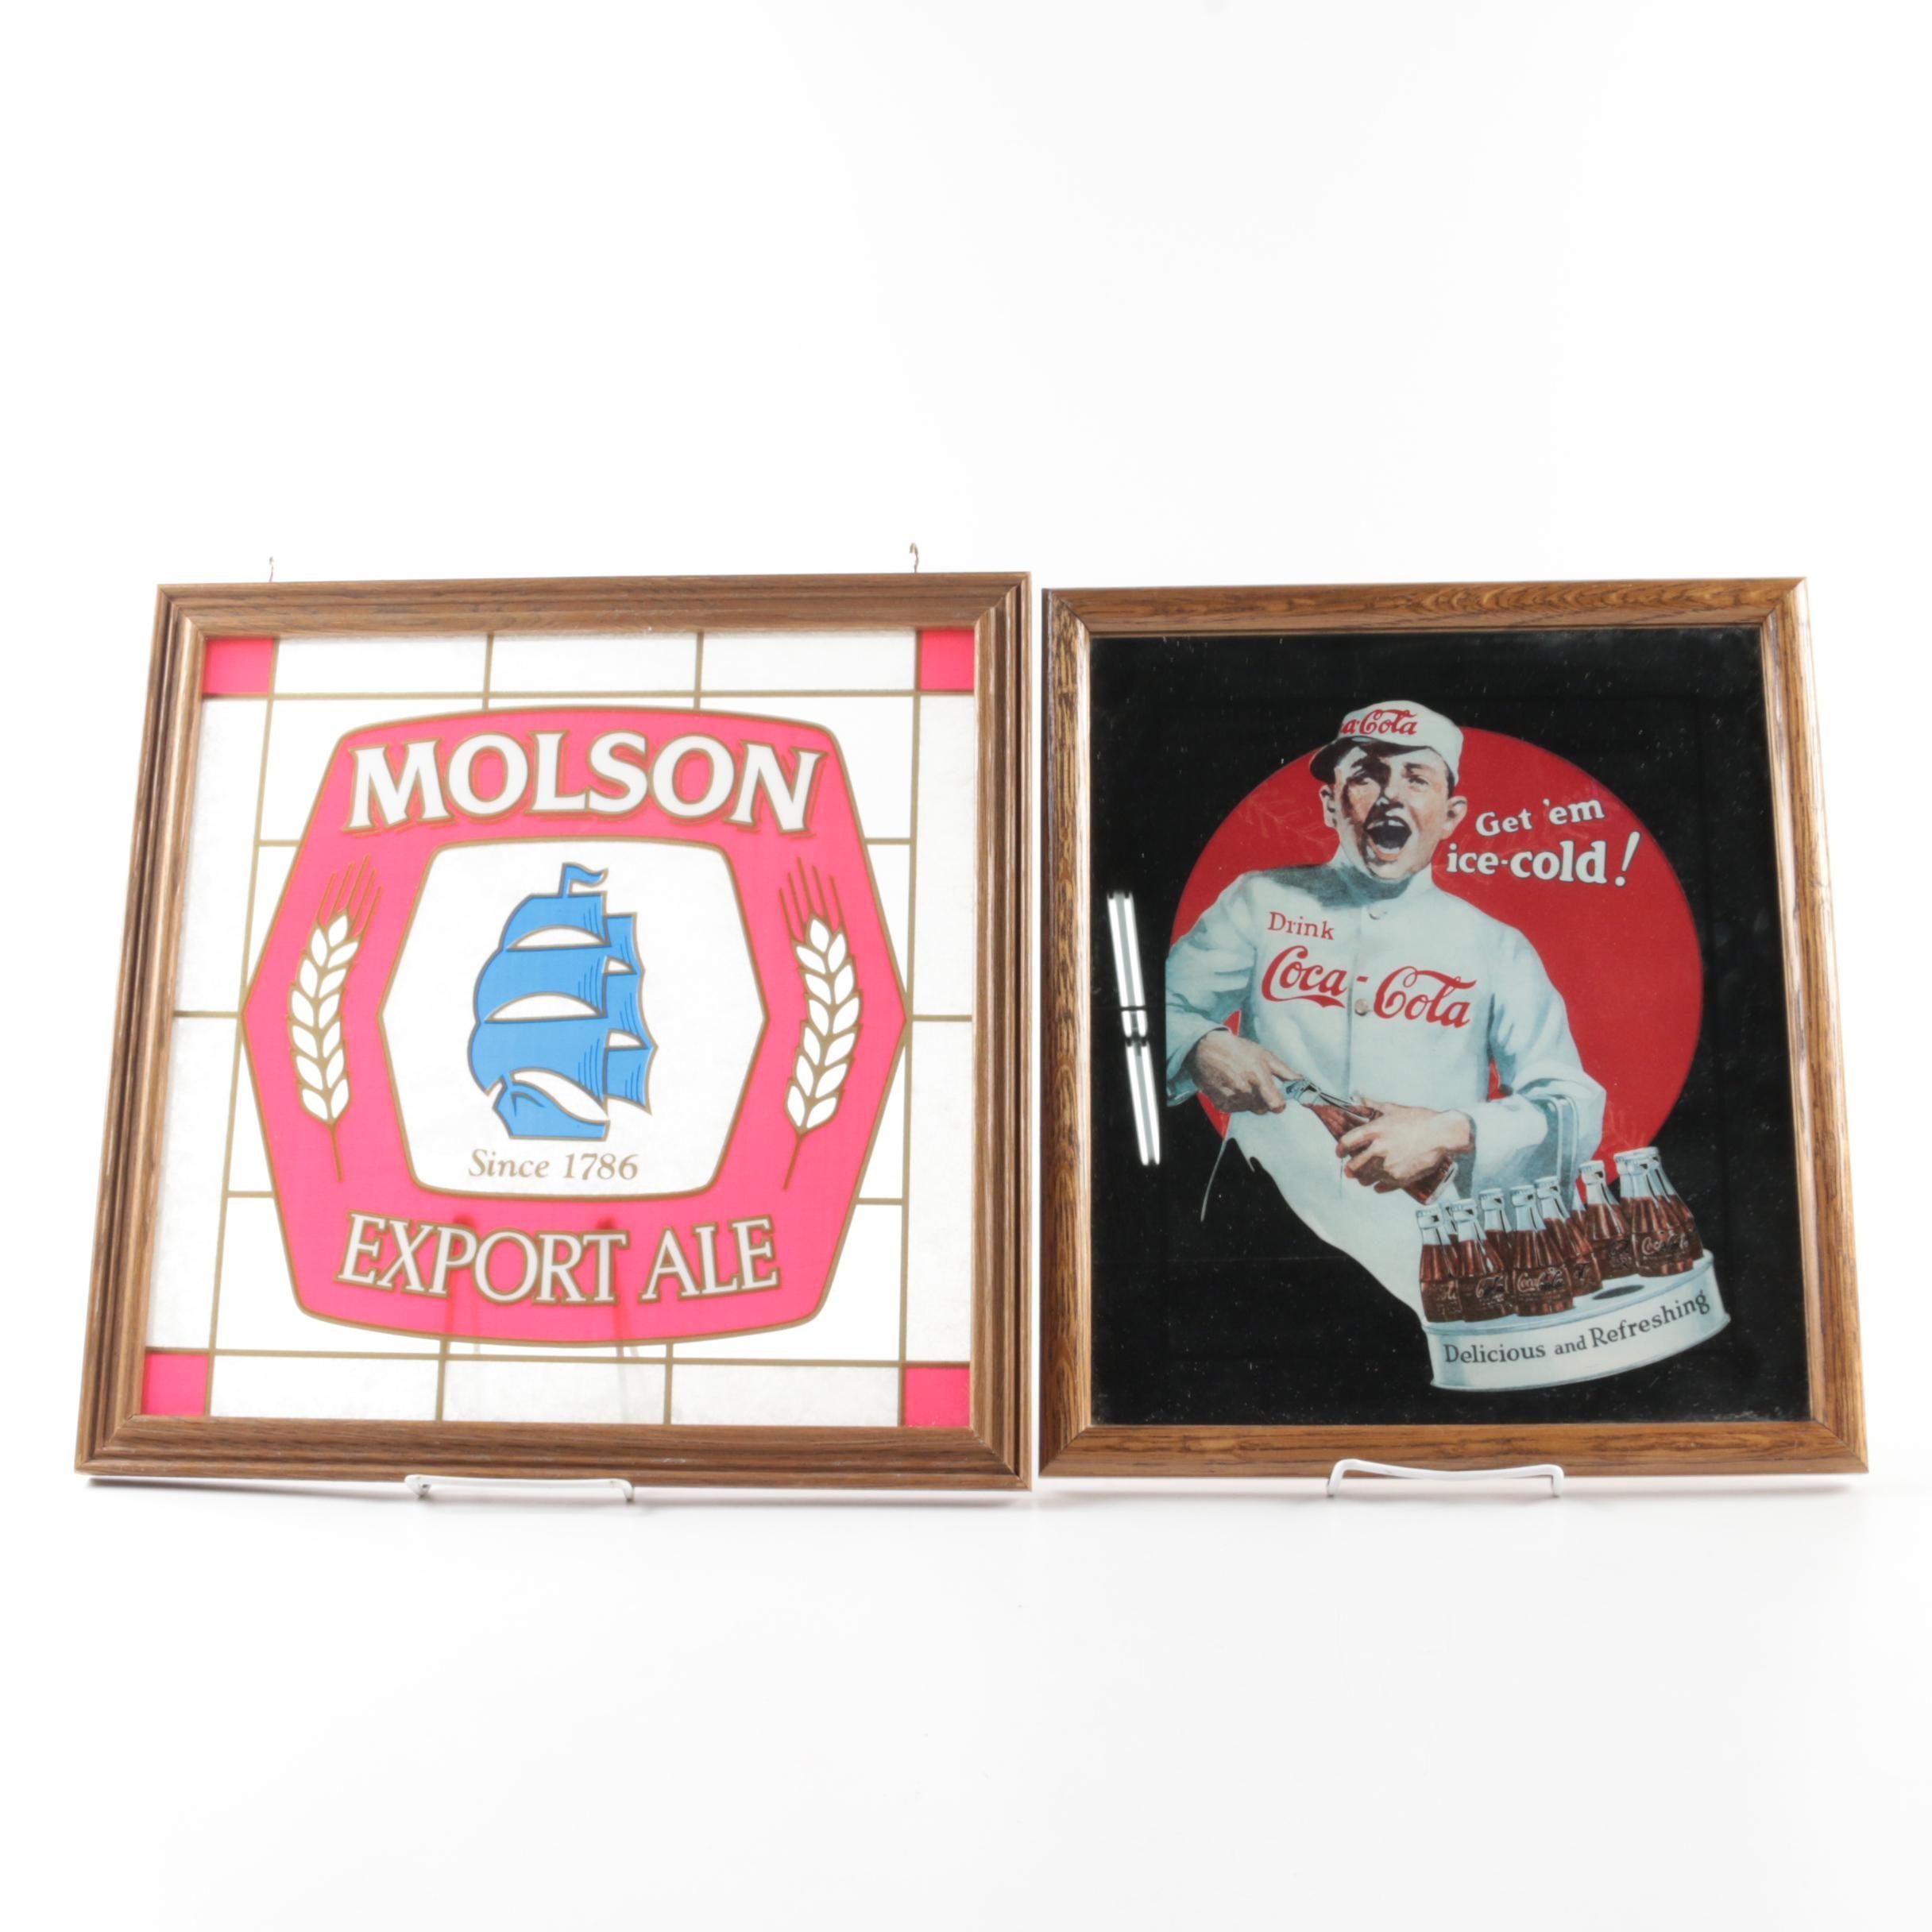 Molson Ale and Coca-Cola Decorative Mirrors